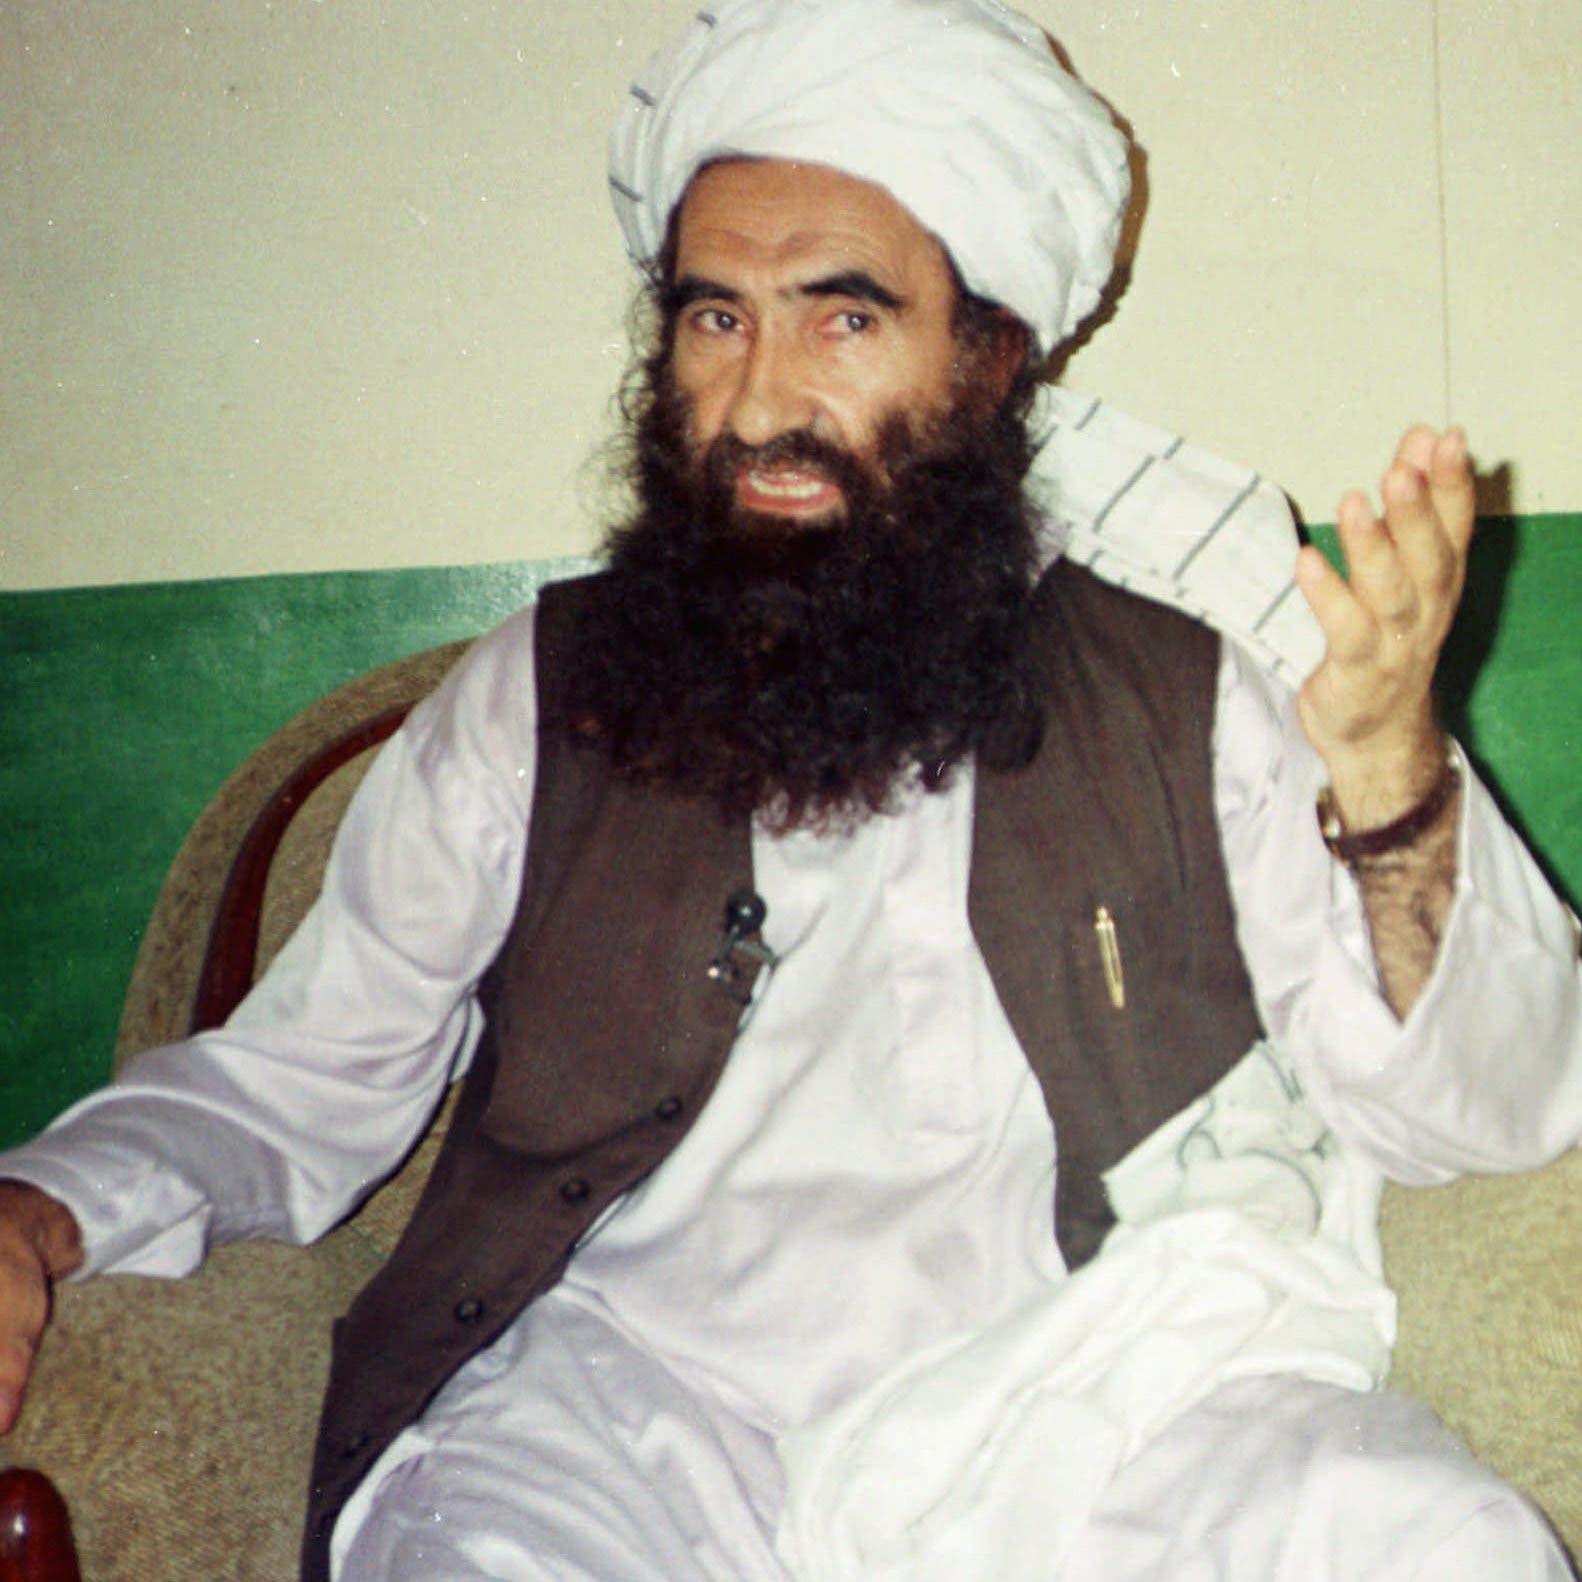 طالبان تعلن حكومة من الحرس القديم.. واسمان مثيران للجدل